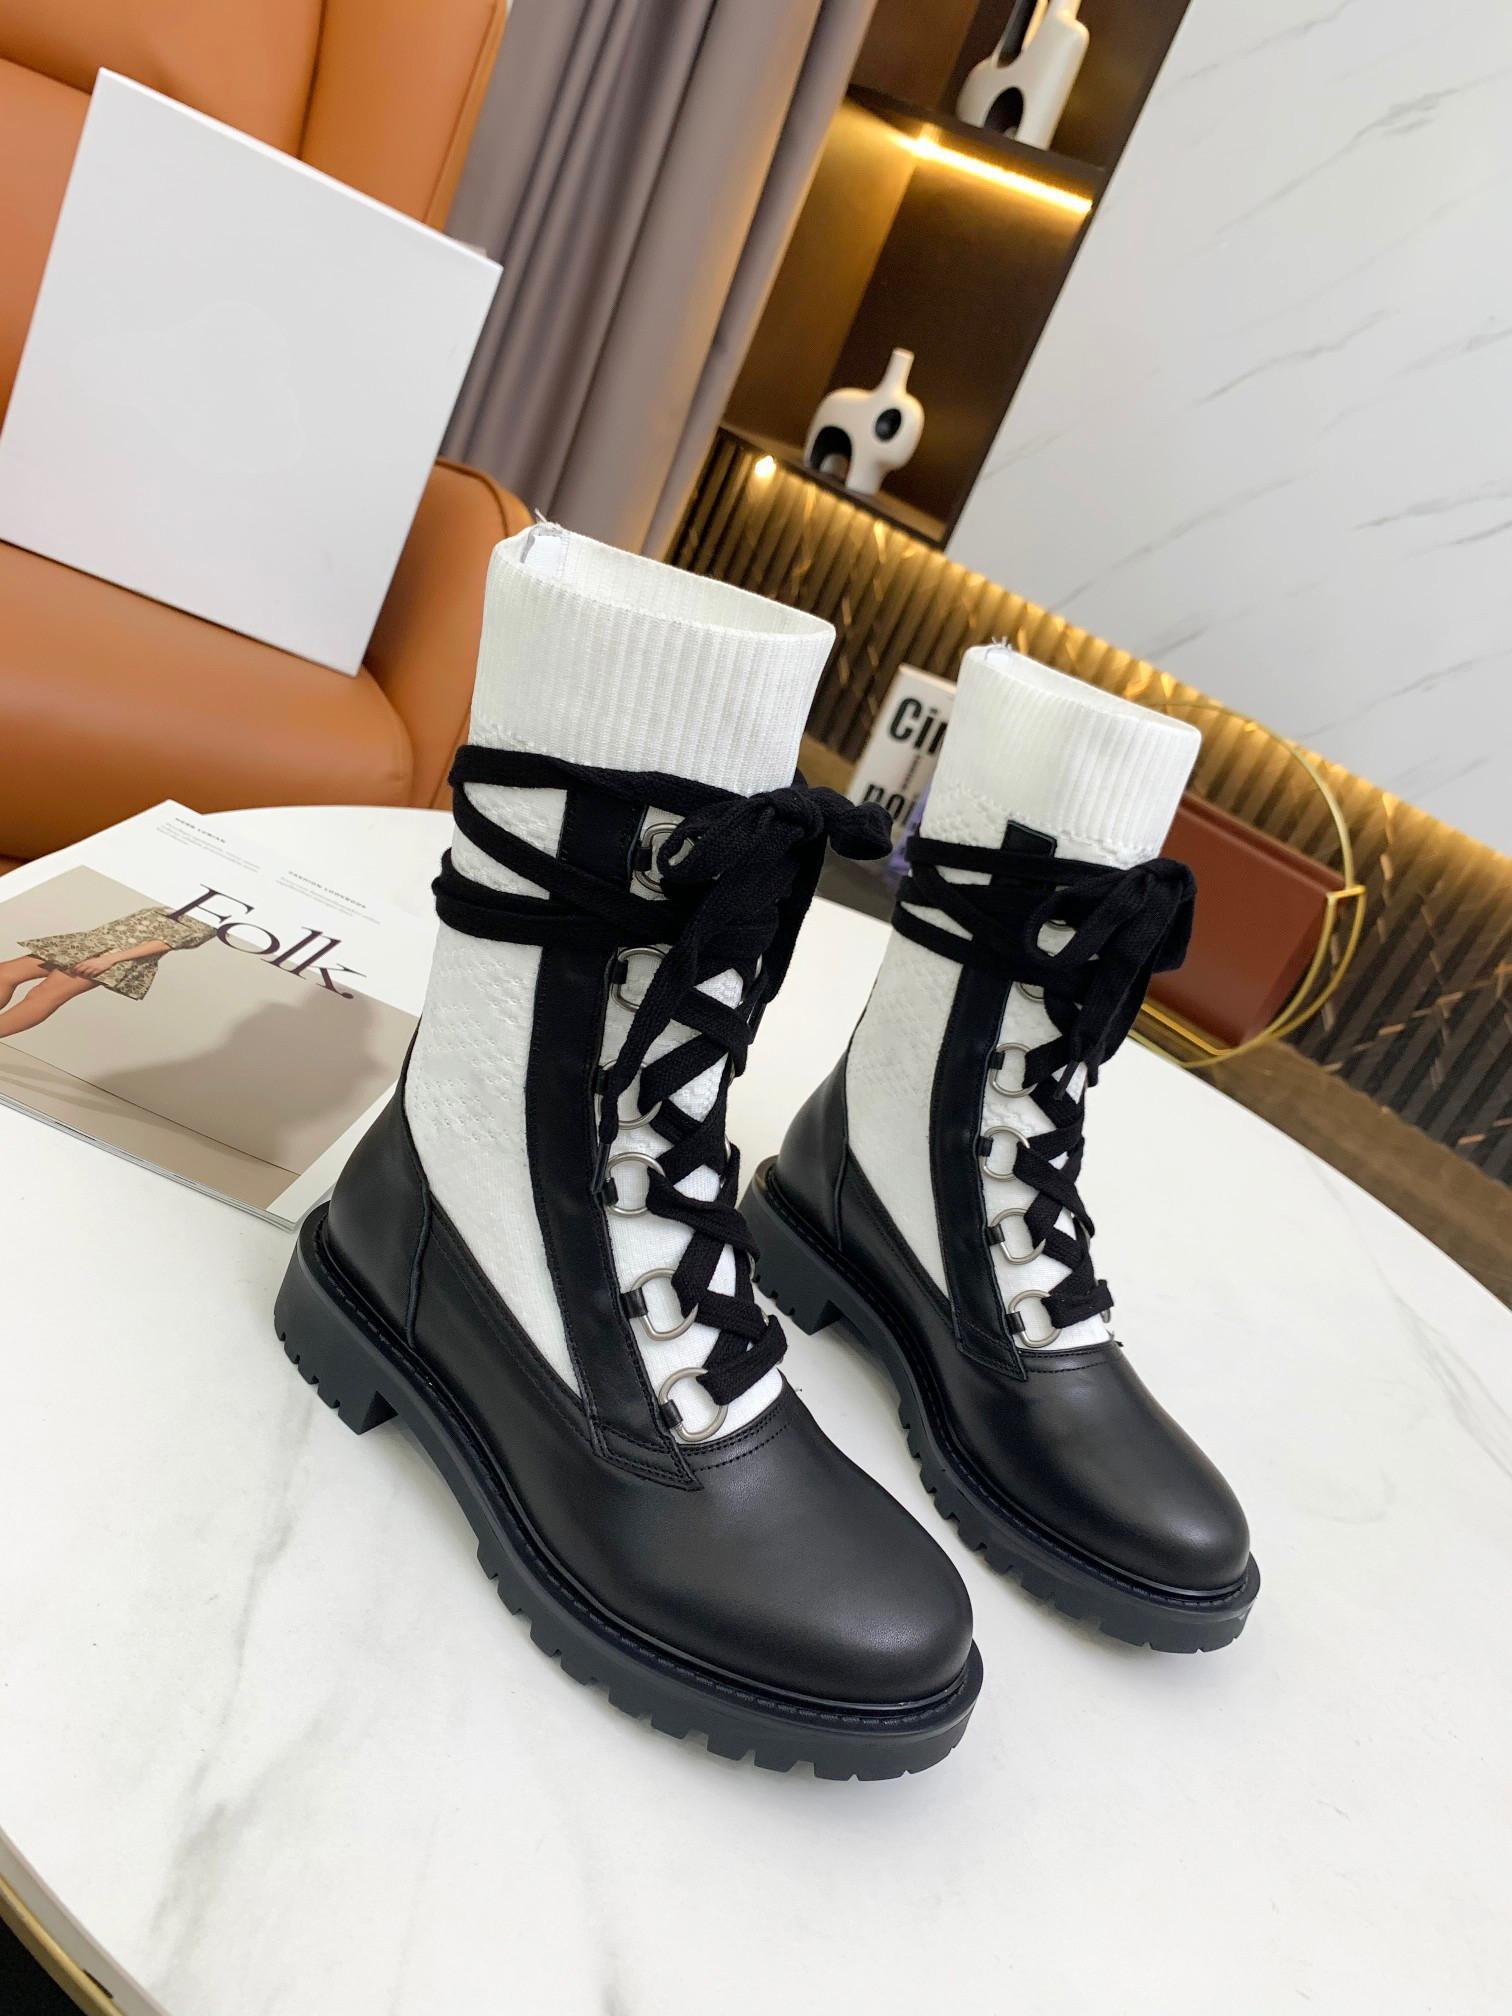 21 Бренд Роскошный дизайнер D-Land Начальник на шнуровке Boots заднее кольцо тянуть пятиконечную звезду подошвы белый эластичный хлопок вышитые носки размером 35-42